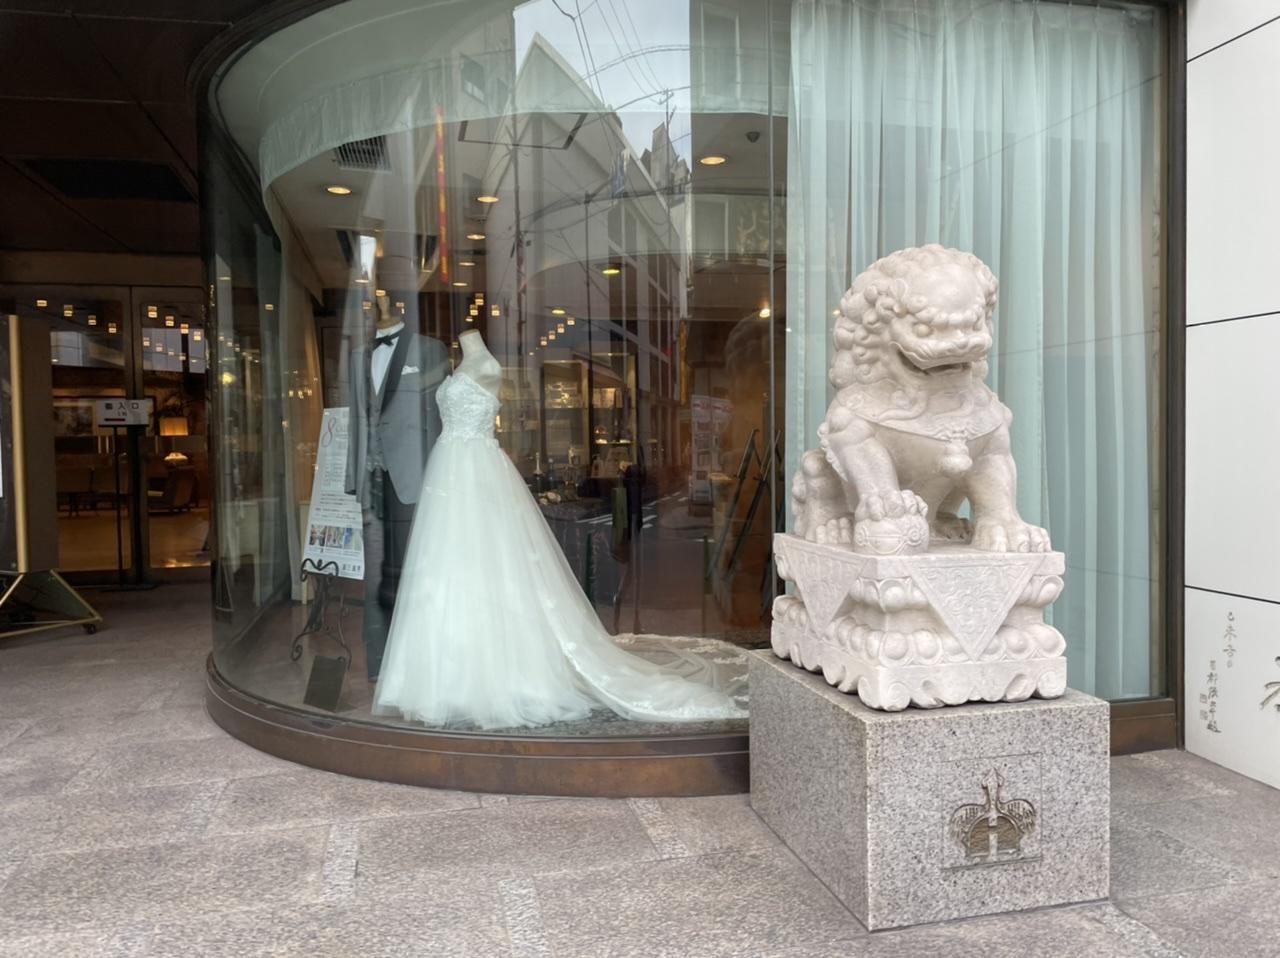 【マリトッツォ】横浜中華街に行ったら《ローズホテル横浜》のマリトッツォをお土産に!_2